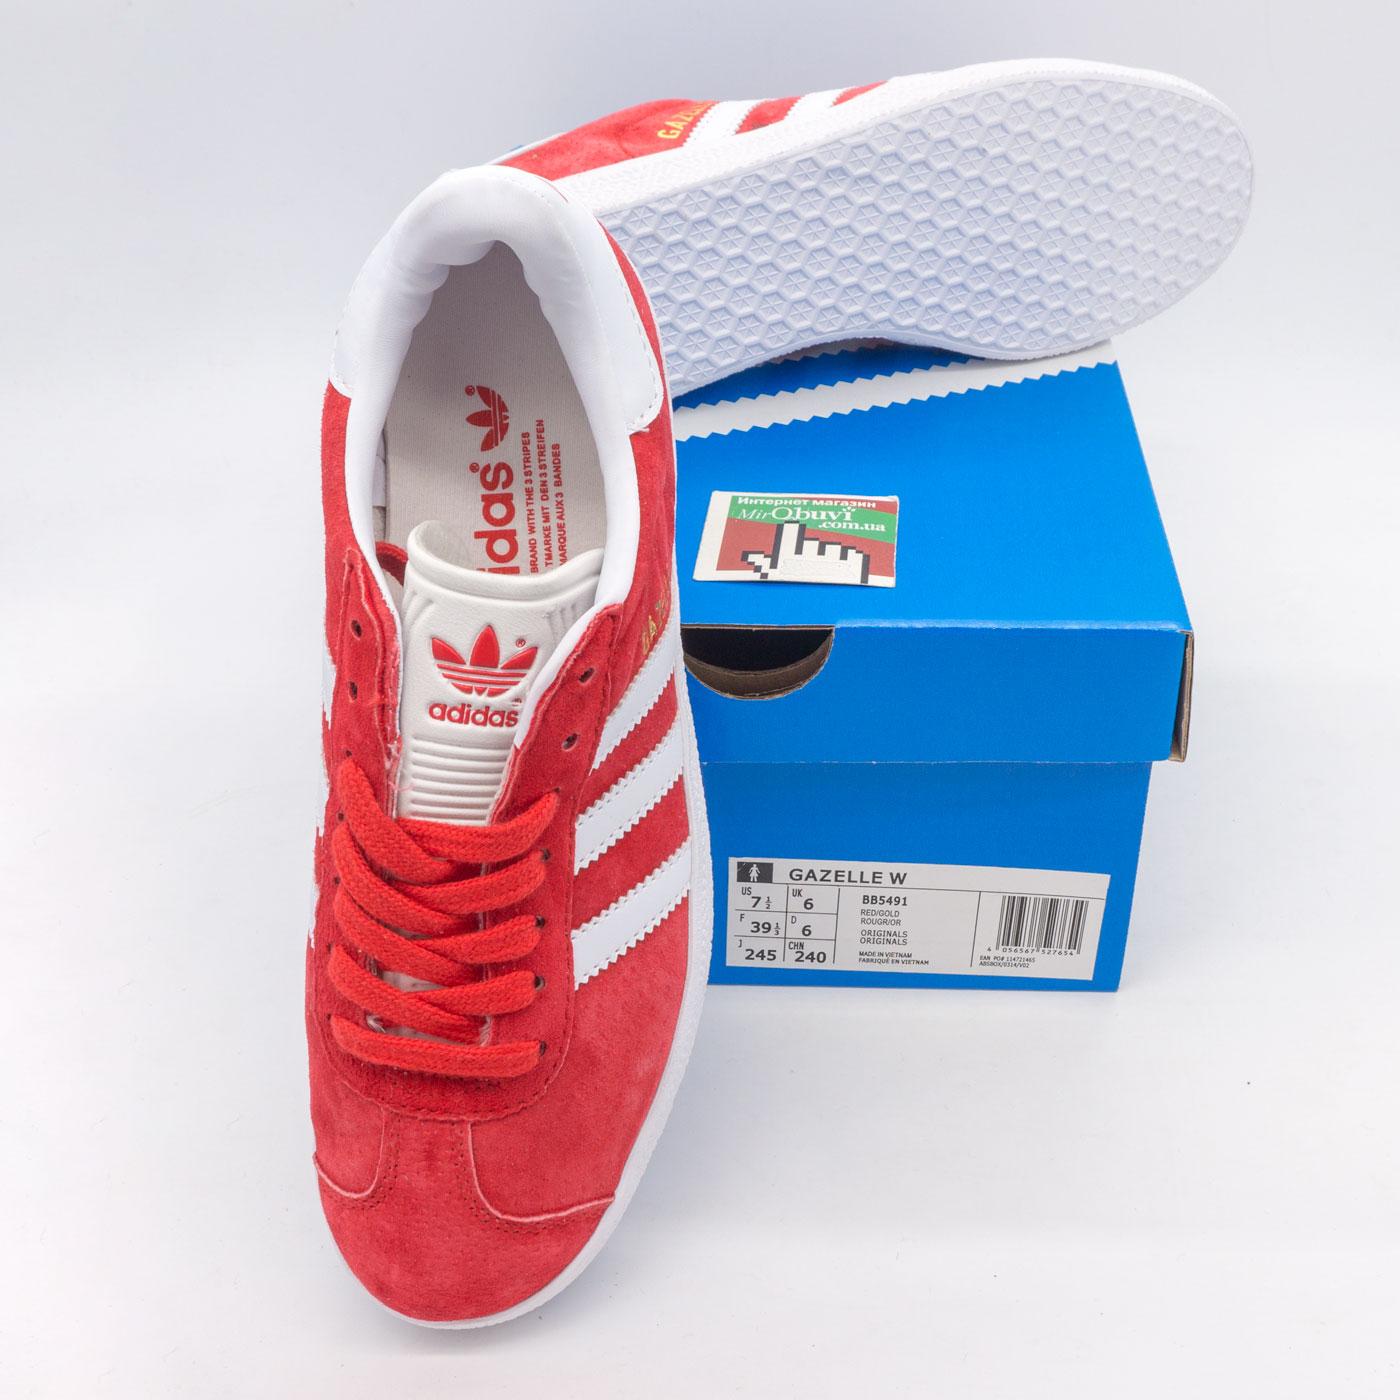 фото bottom Красные кроссовки Adidas Gazelle натуральная замша,  Vietnam - Топ качество! bottom